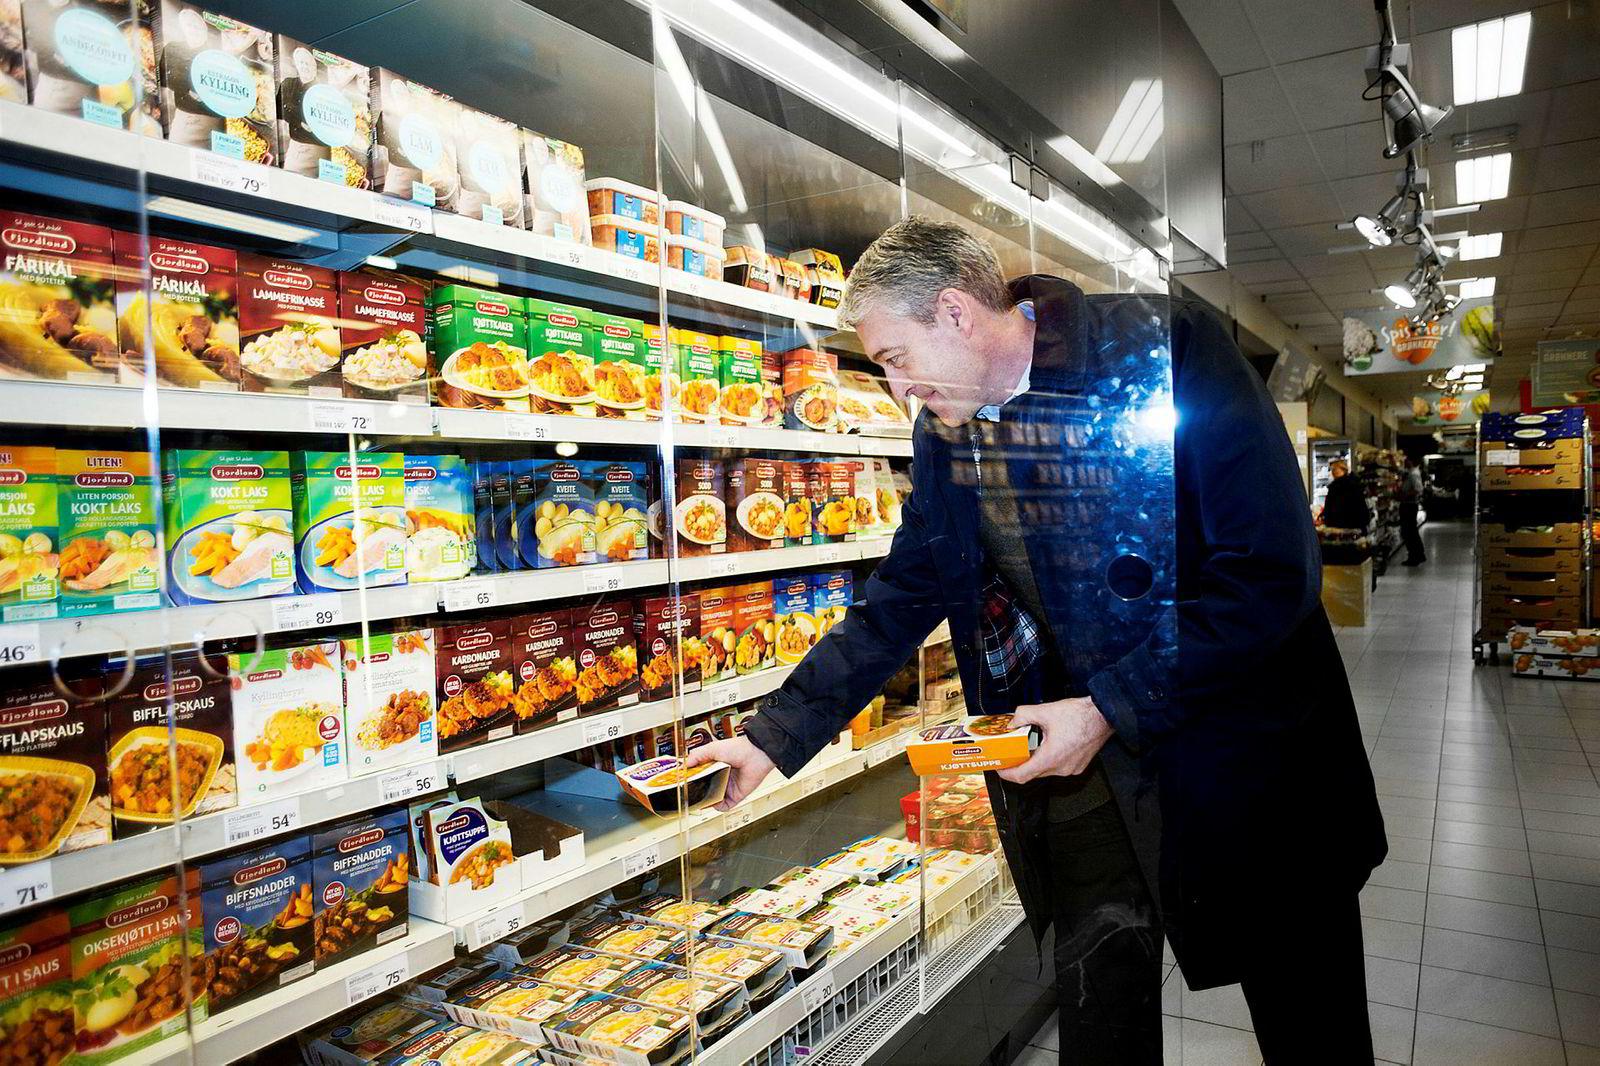 – Fortsatt er kjøttkaker vår bestselger, sier André Gobel, administrerende direktør i Fjordland.